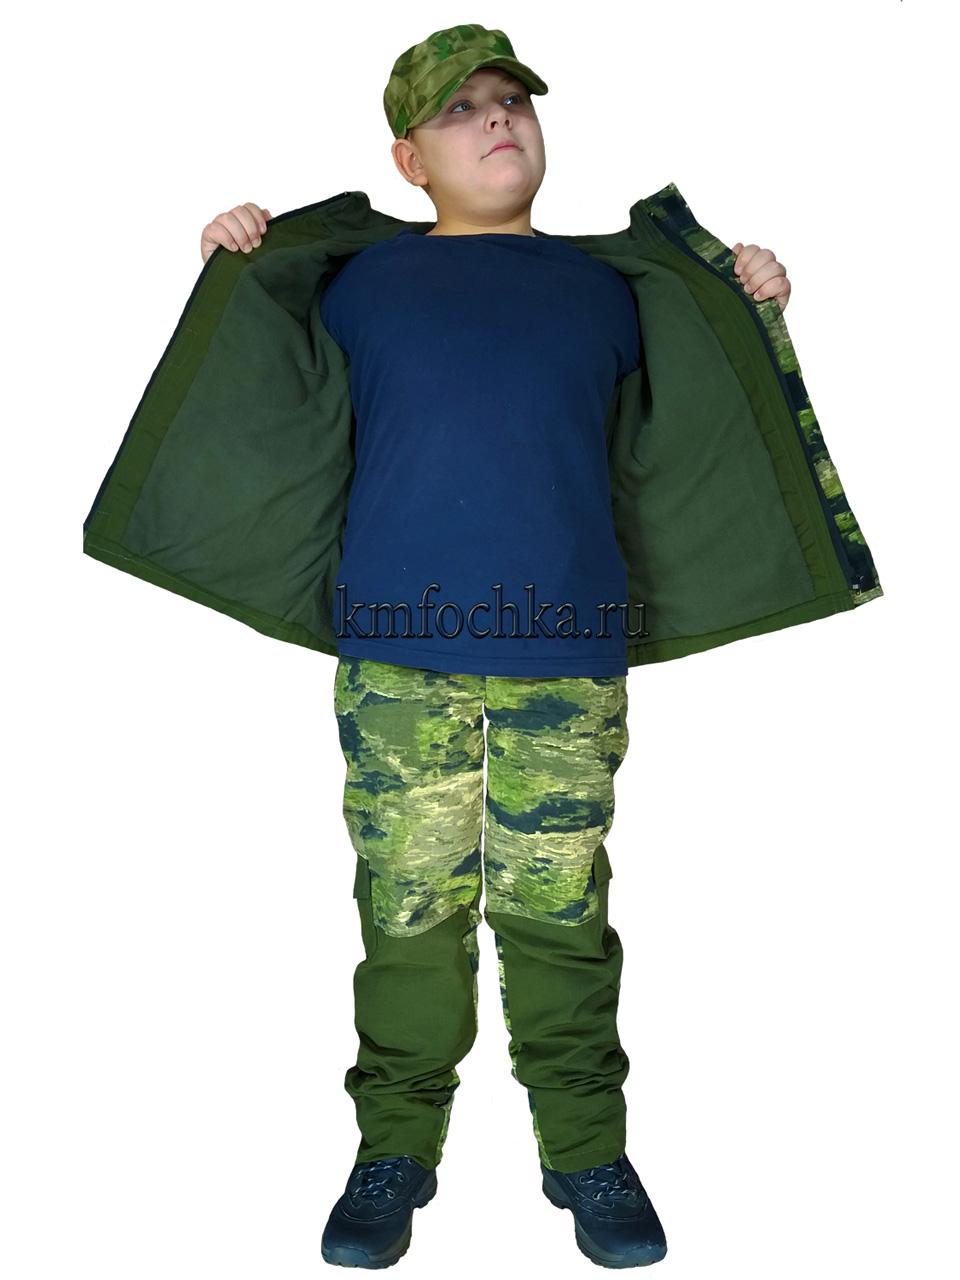 купить детский камуфляжный костюм в спб